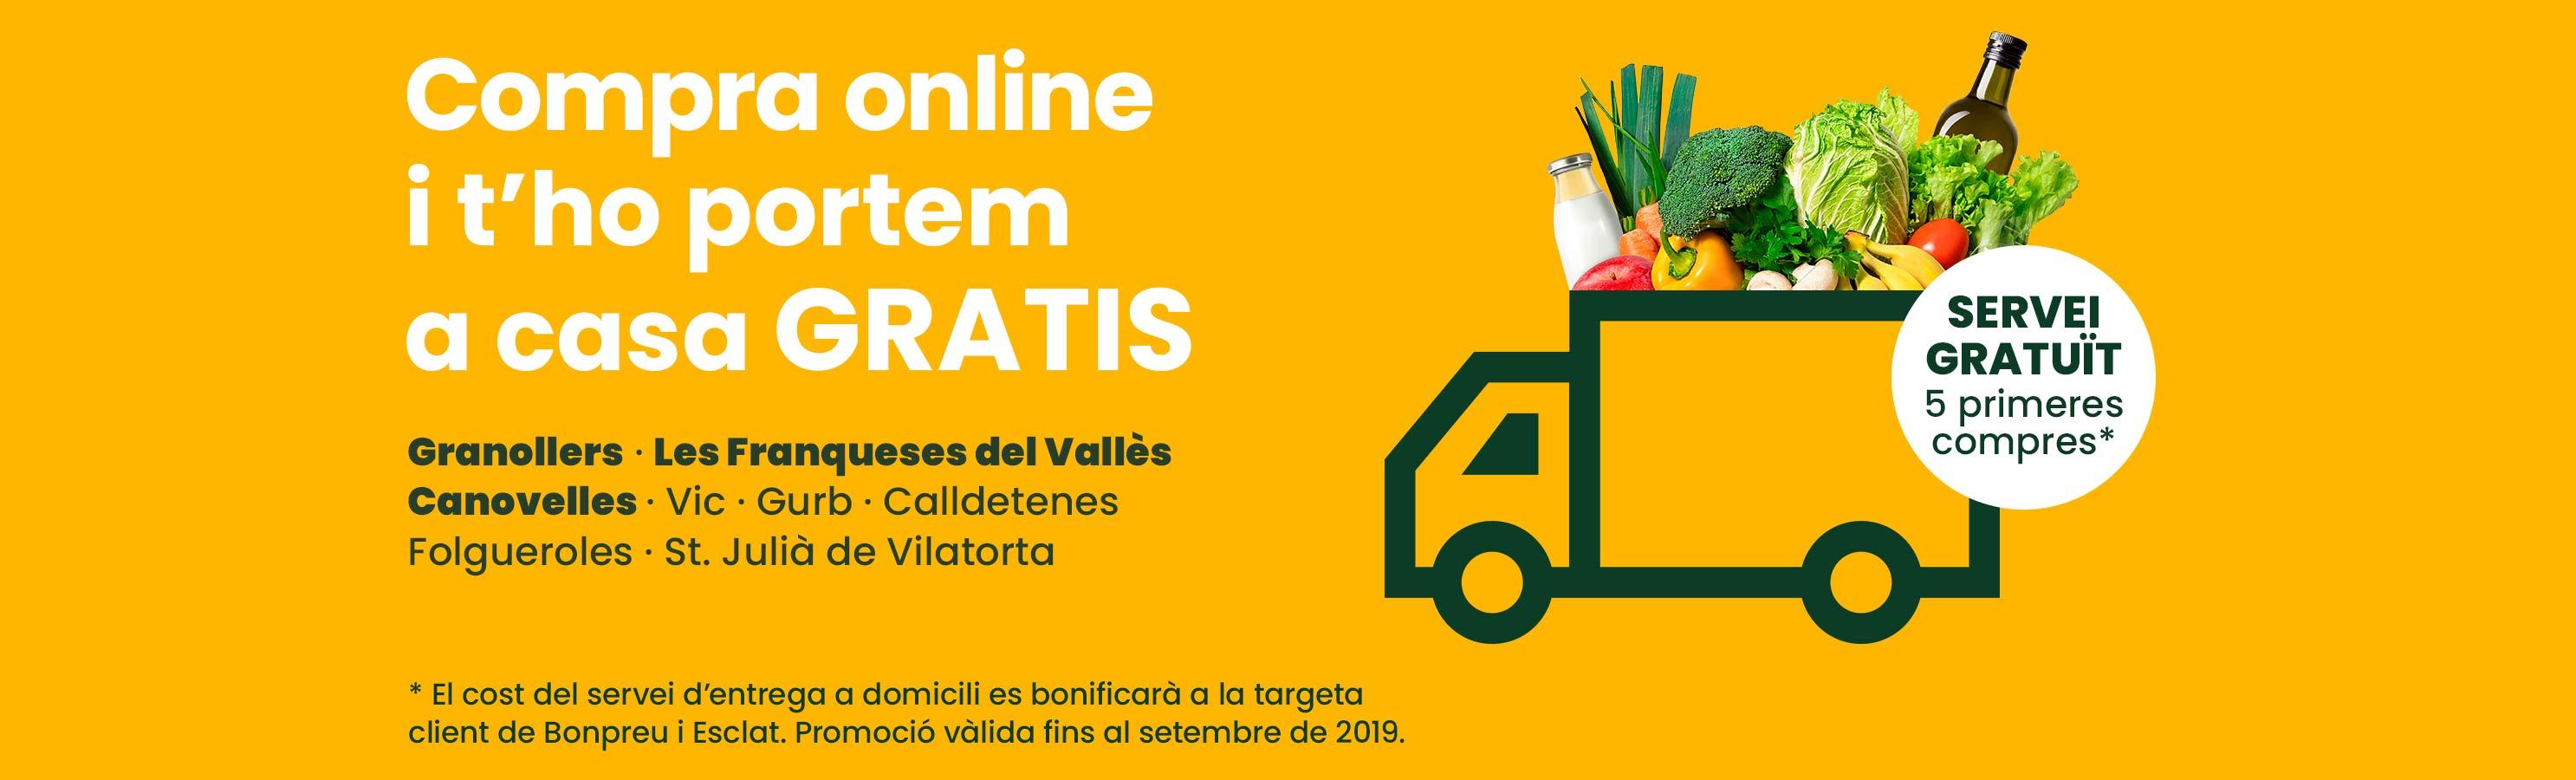 Supermercat Online Esclat El Teu Comprar Per Bonpreu 6mfYb7yIgv